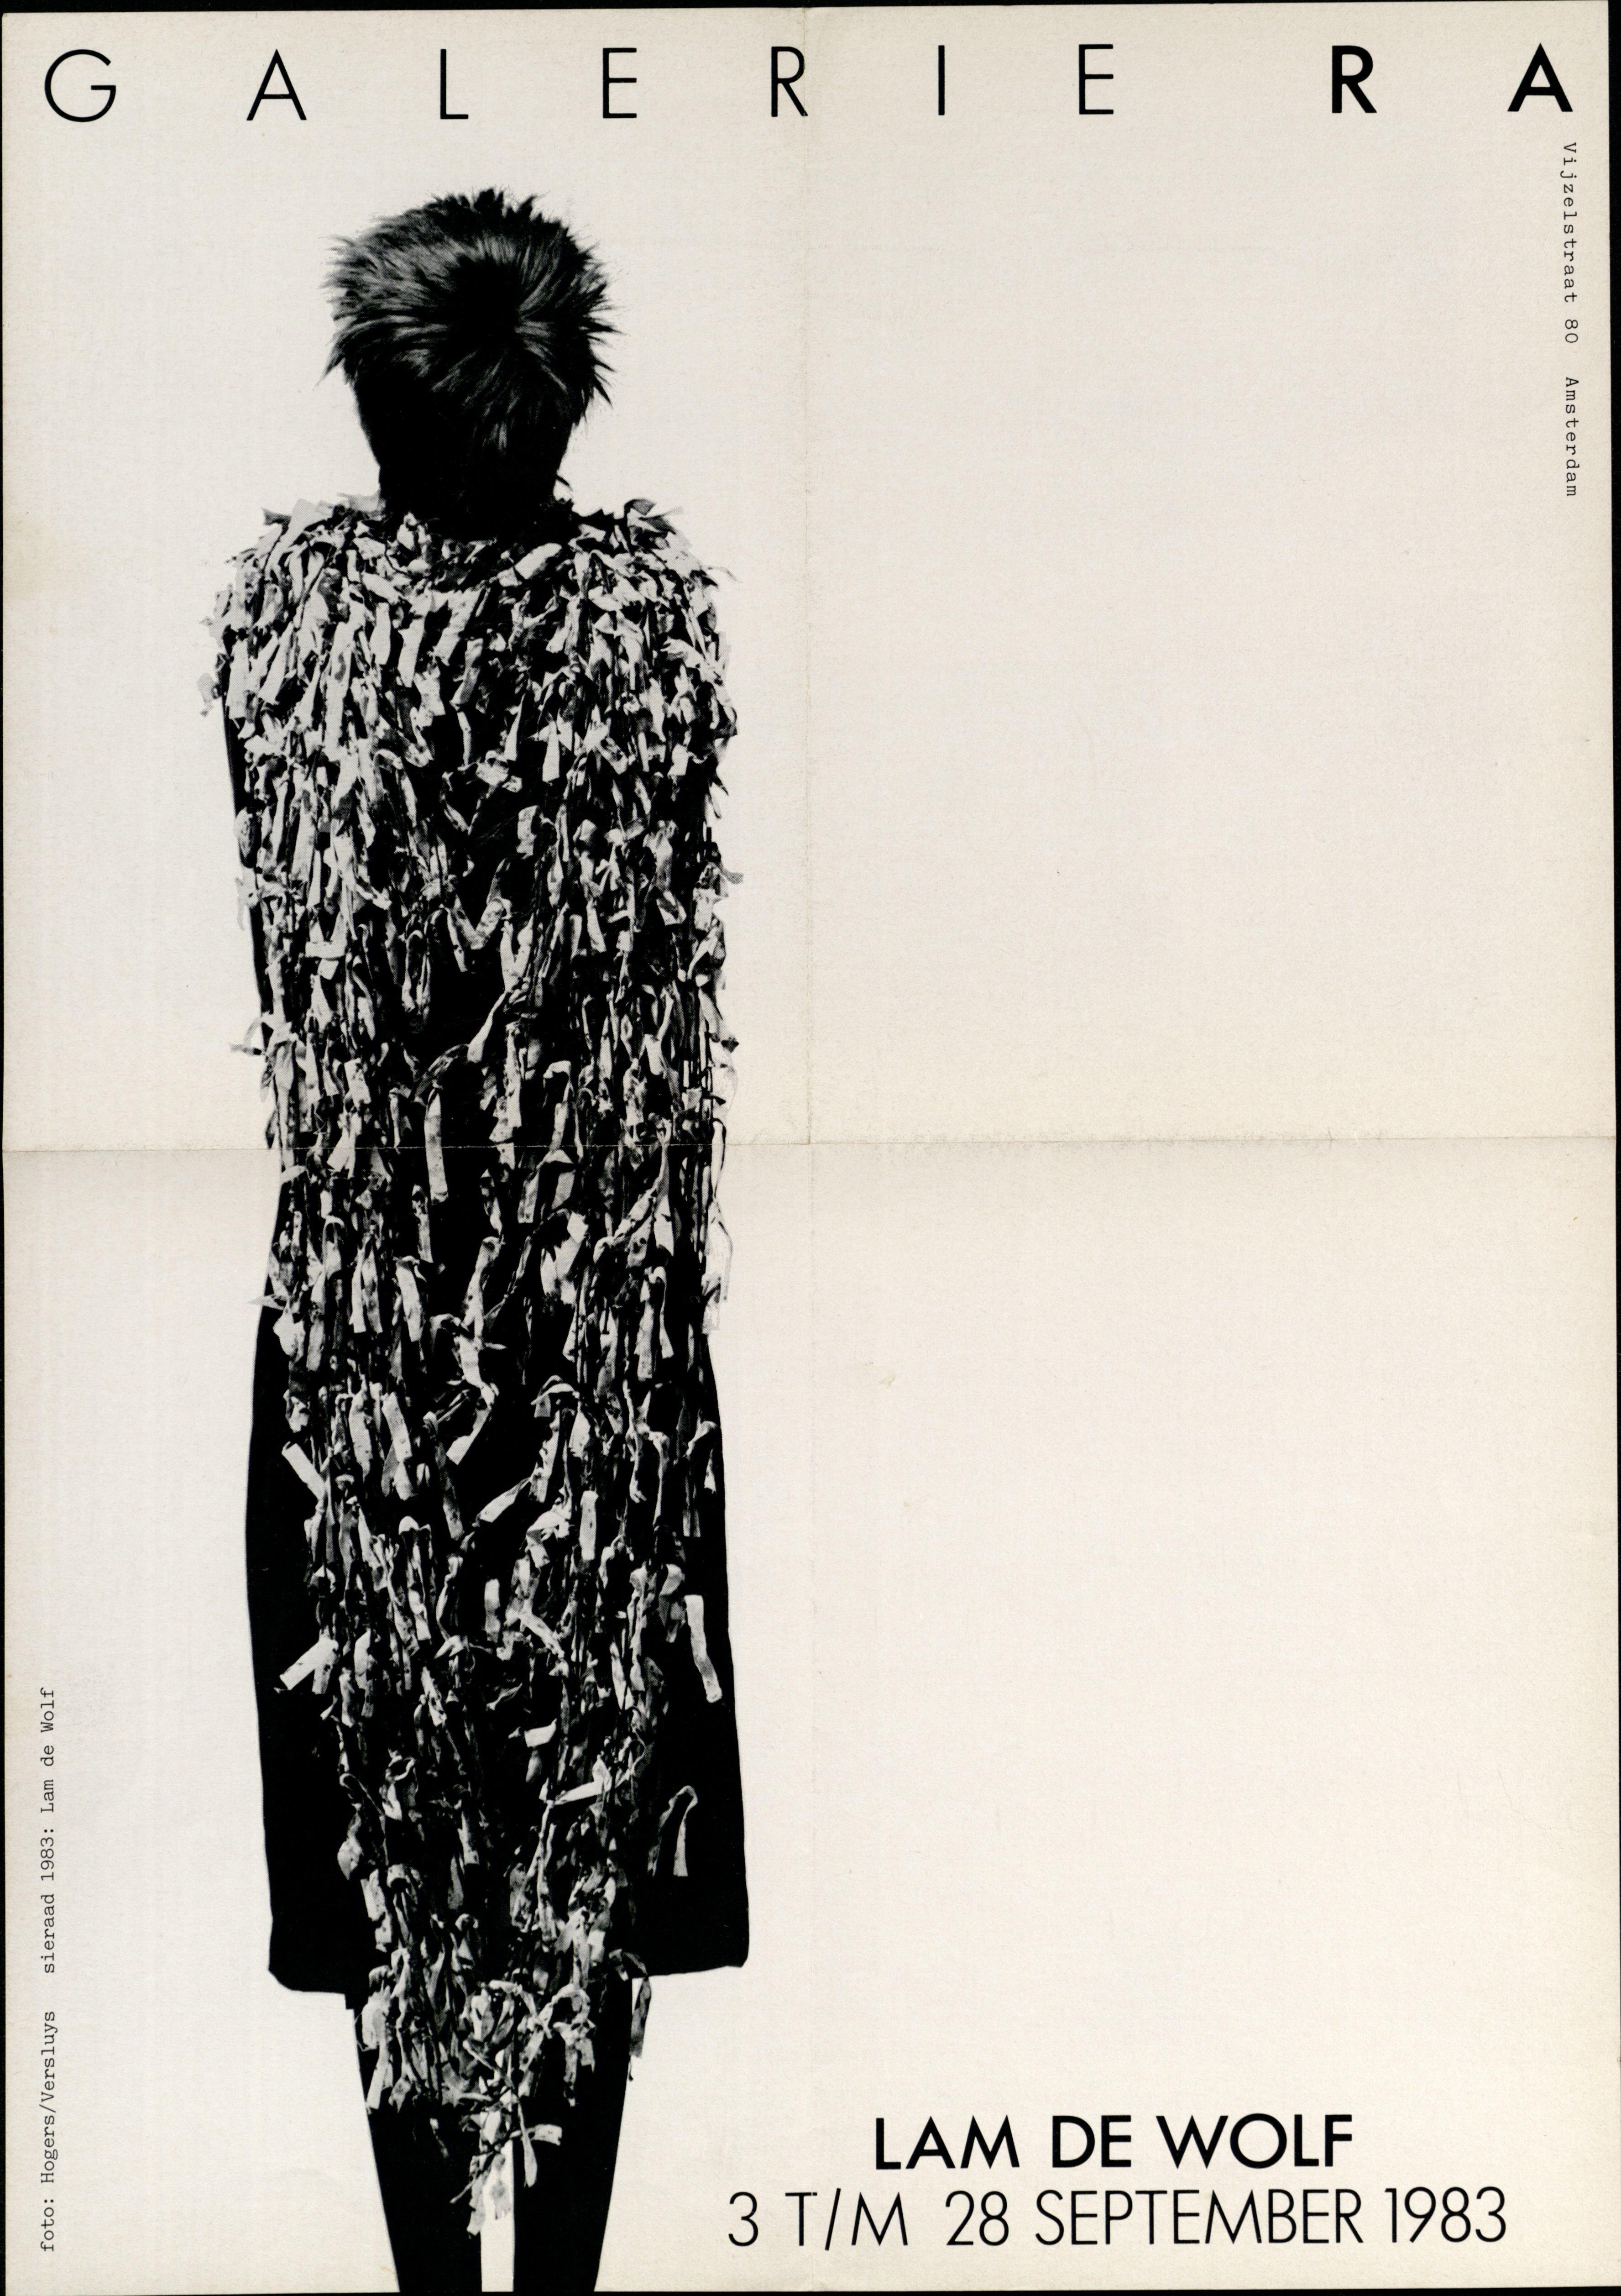 Ra Bulletin 5, september 1983, voorzijde met poster, halssieraad van Lam de Wolf, foto Hogers/Versluys, drukwerk, papier, textiel